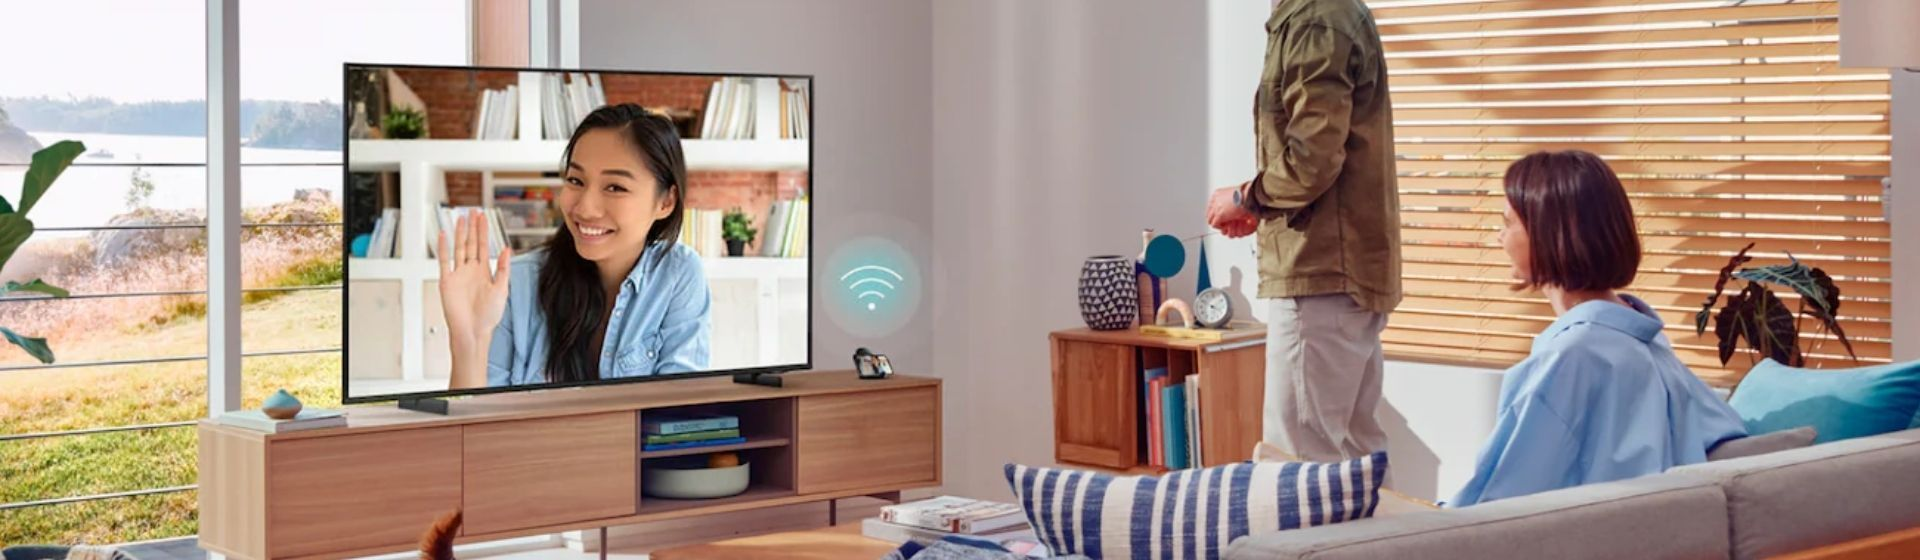 As 5 melhores Smart TVs de 60 e 65 polegadas para comprar em 2021